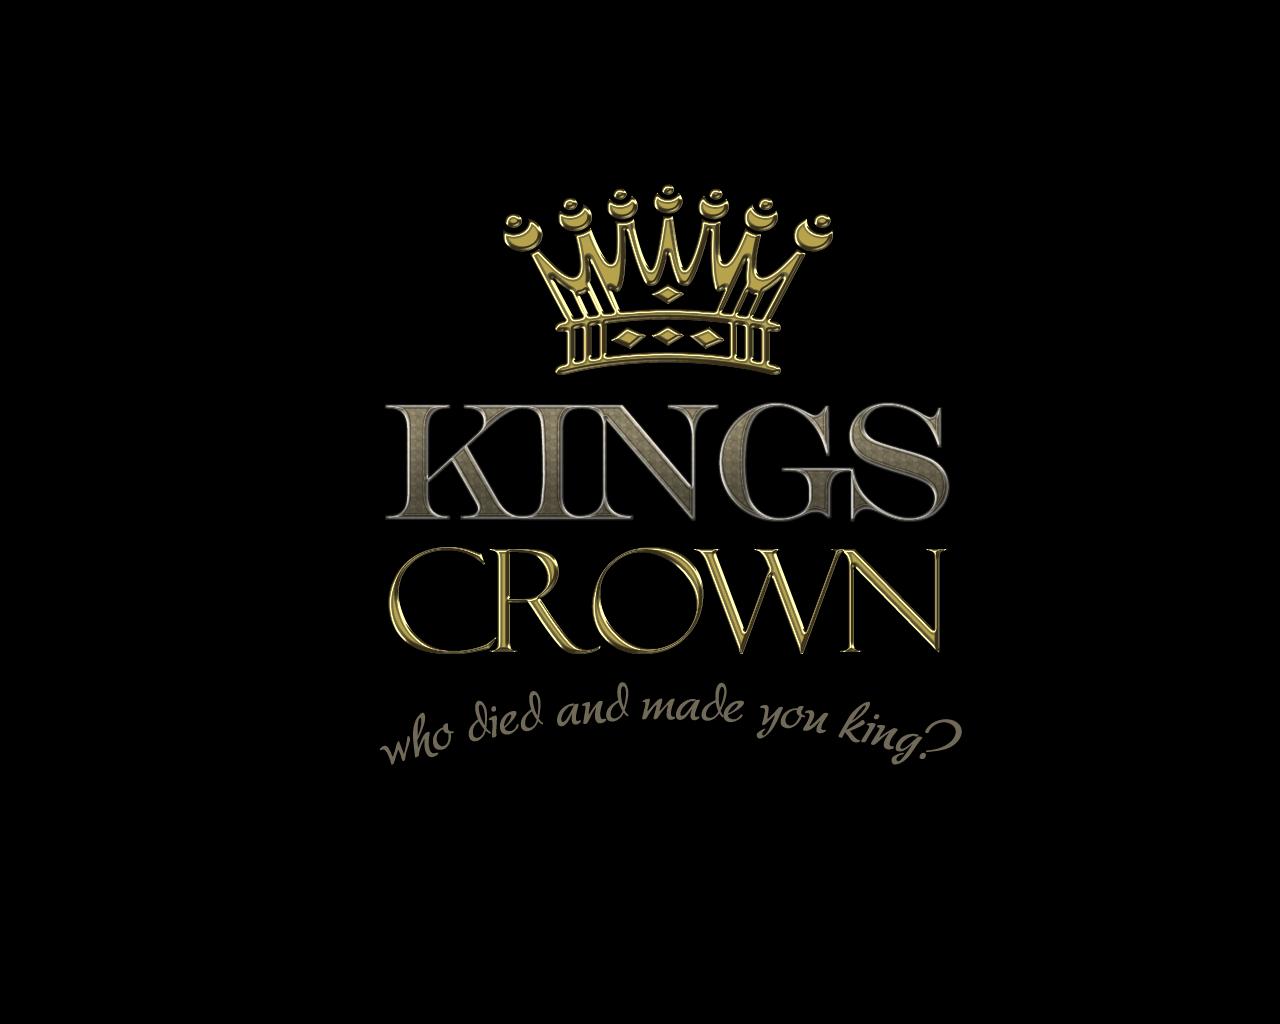 crown wallpaper 1280x1024